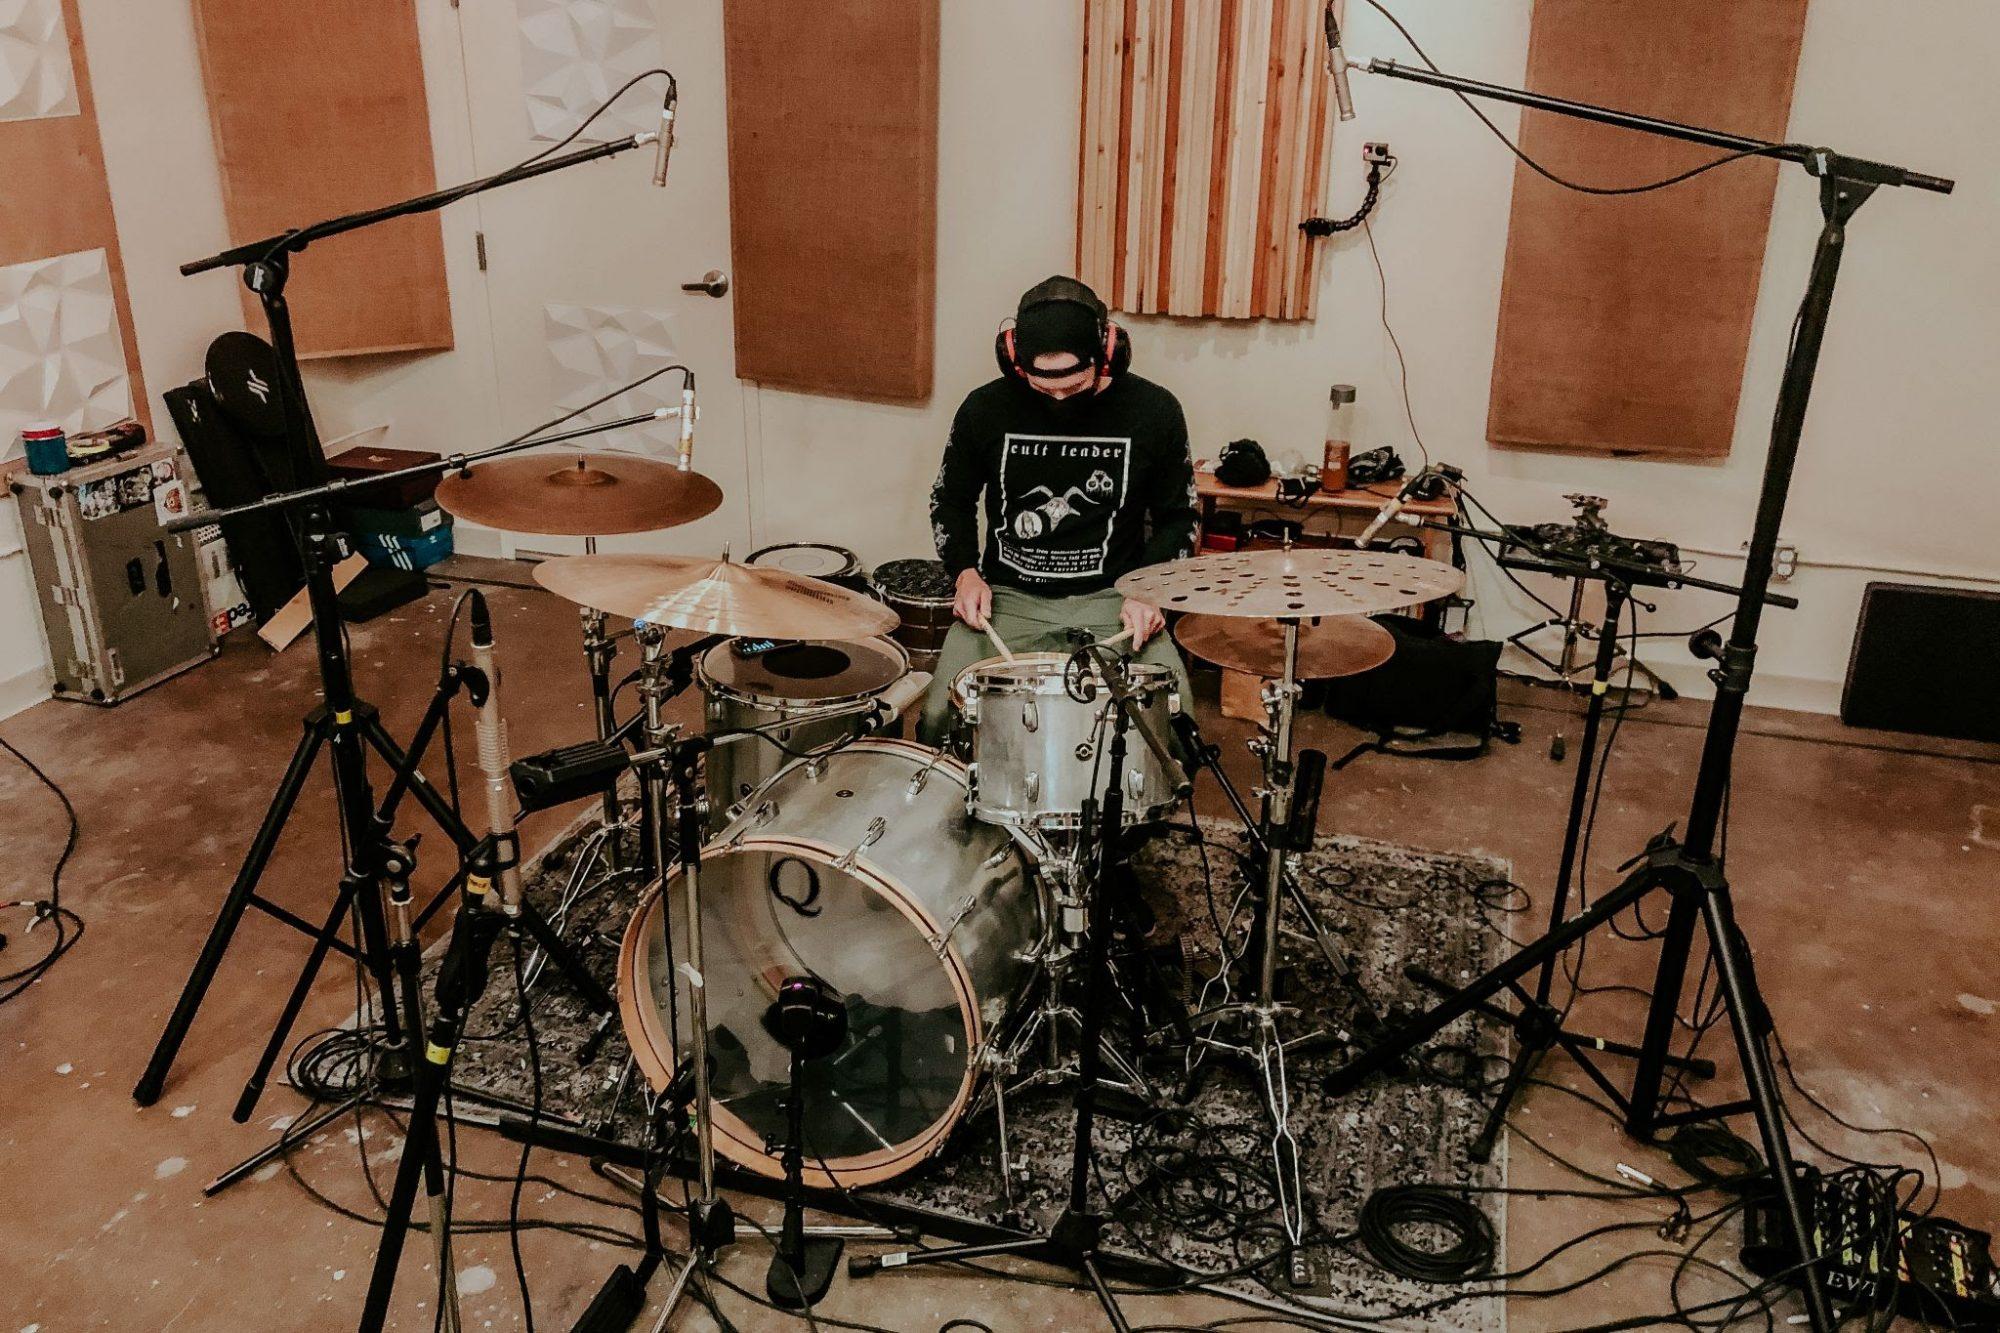 Thrice grabando su nuevo y undécimo álbum